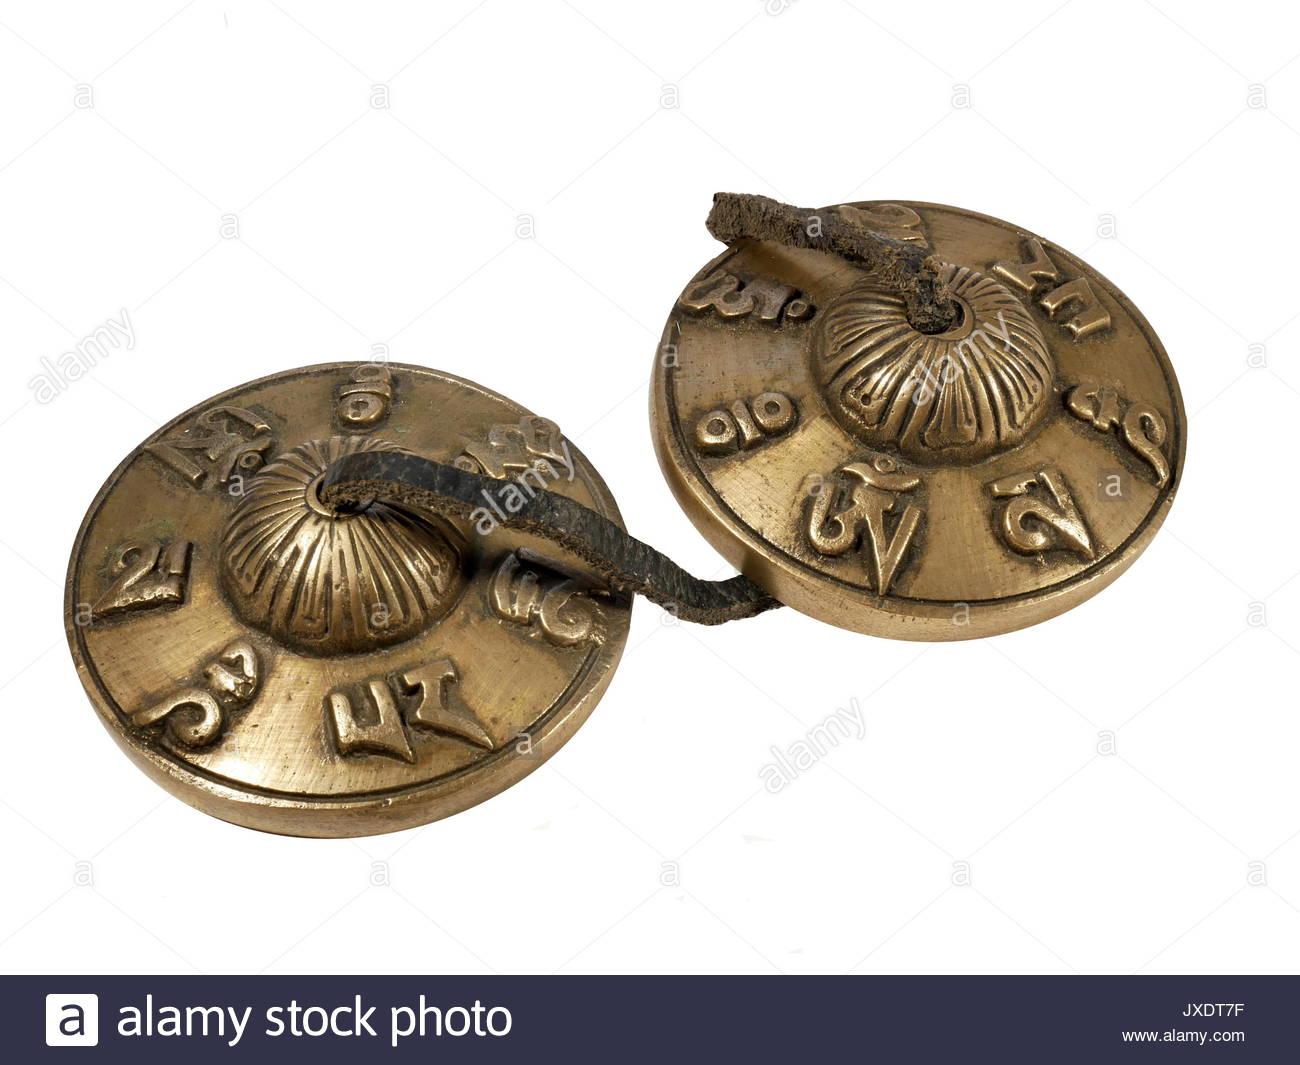 Tibetan  cymbals - Stock Image